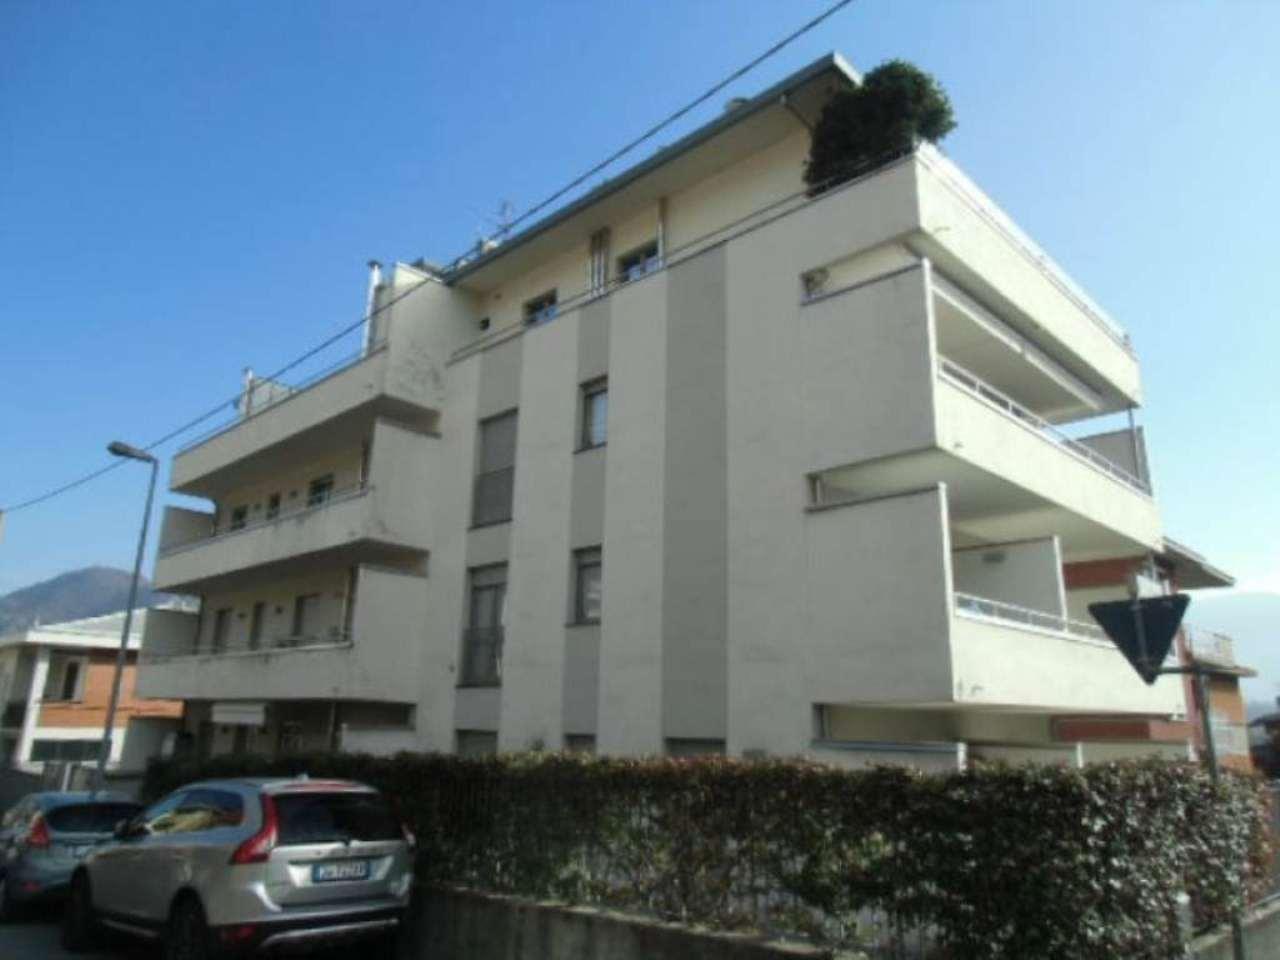 Appartamento in vendita a Albino, 2 locali, prezzo € 85.000 | Cambio Casa.it